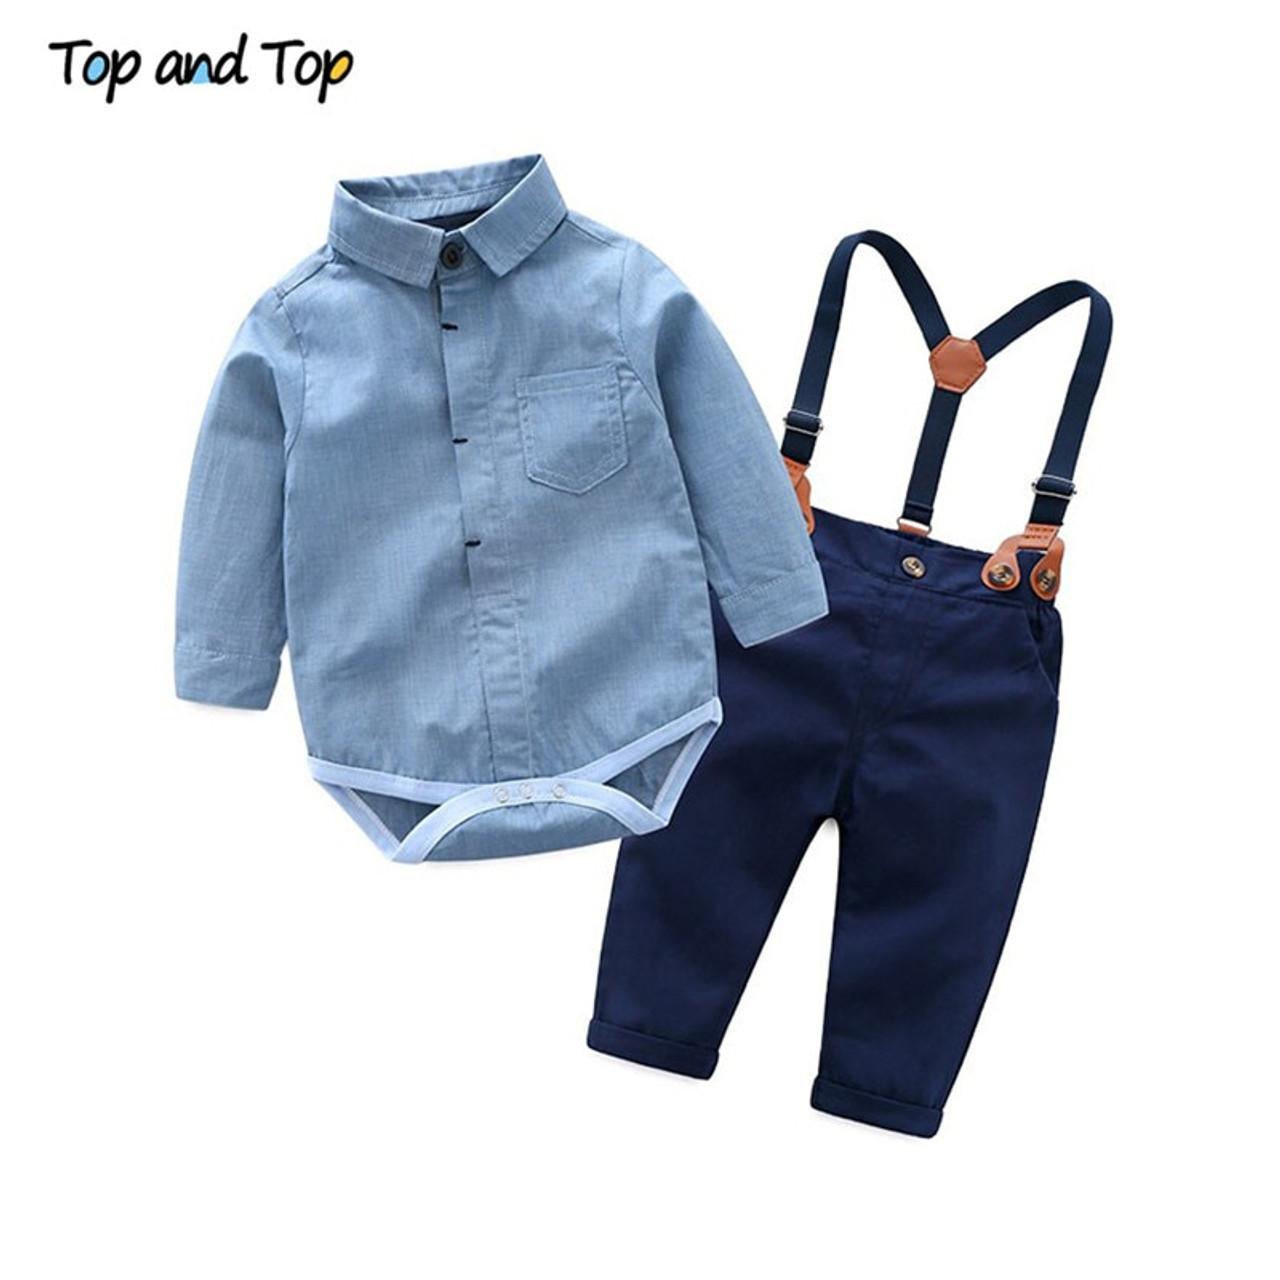 39c4954e5293 2PCS Baby Boy Dress Shirt  Denim Suspenders Pants Set Kids Casual Clothes  Outfit